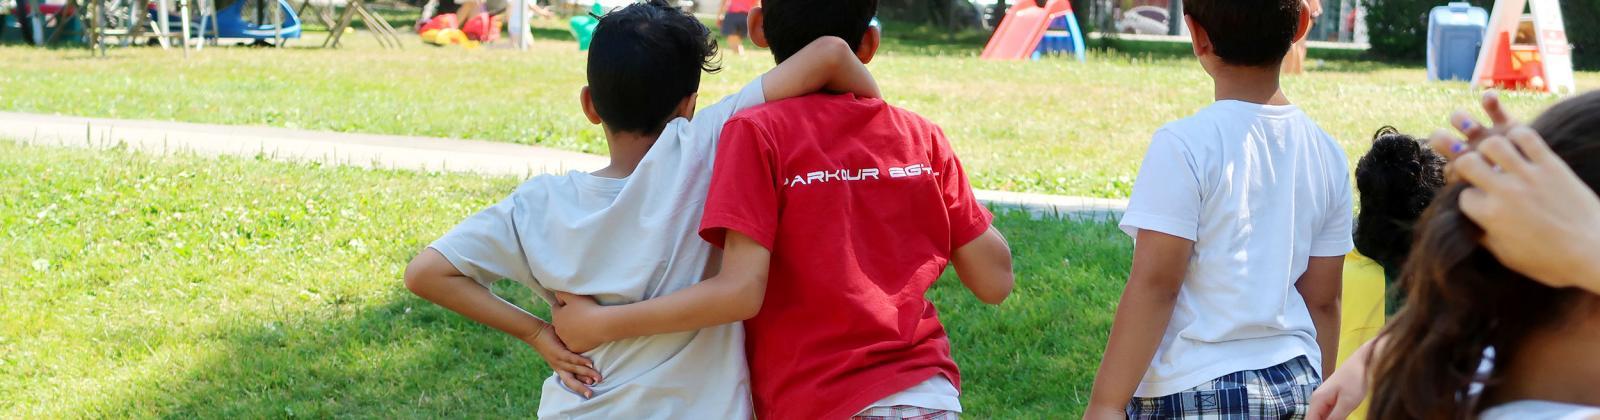 Students at BC Newcomer Camp